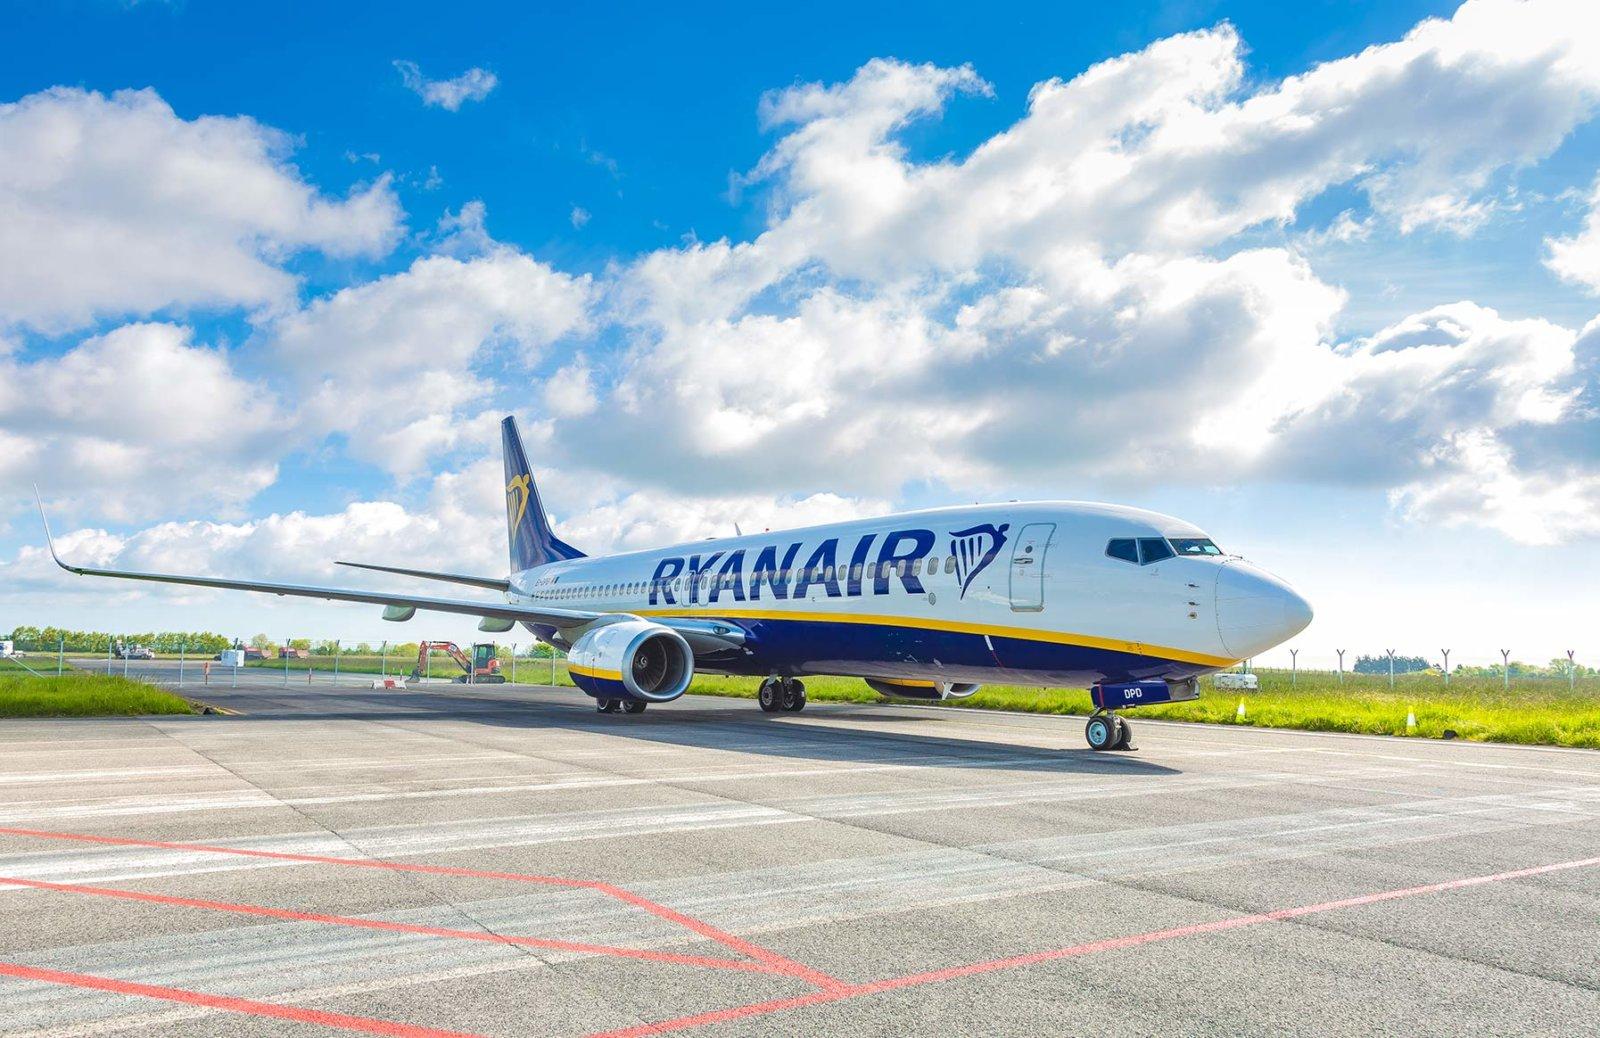 ウィズ・エアがベオグラード発着で新規9路線を追加、機材も拡大